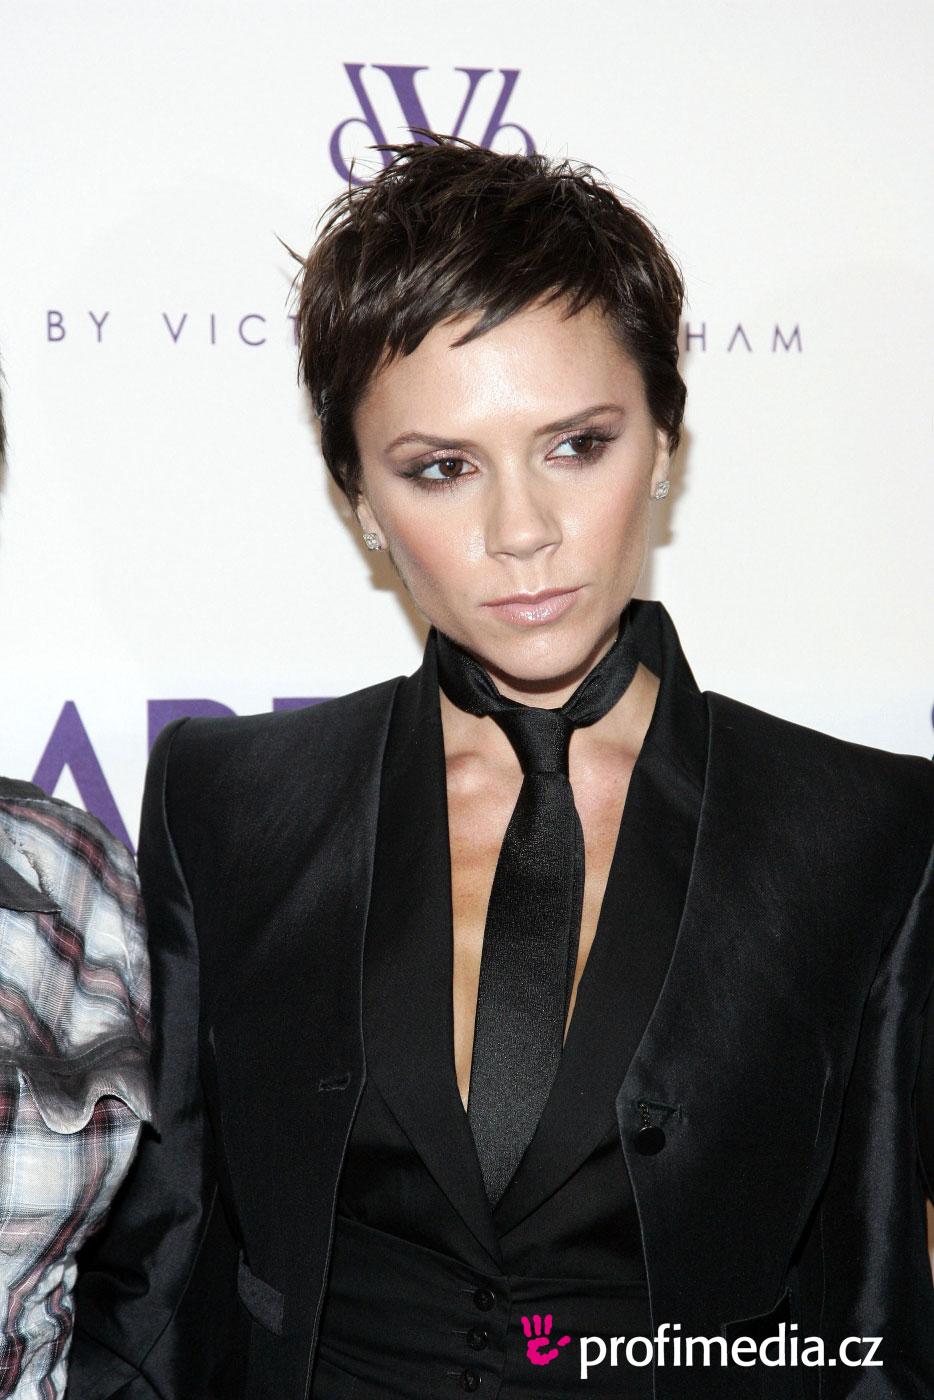 Victoria Beckham Hairstyle Easyhairstyler